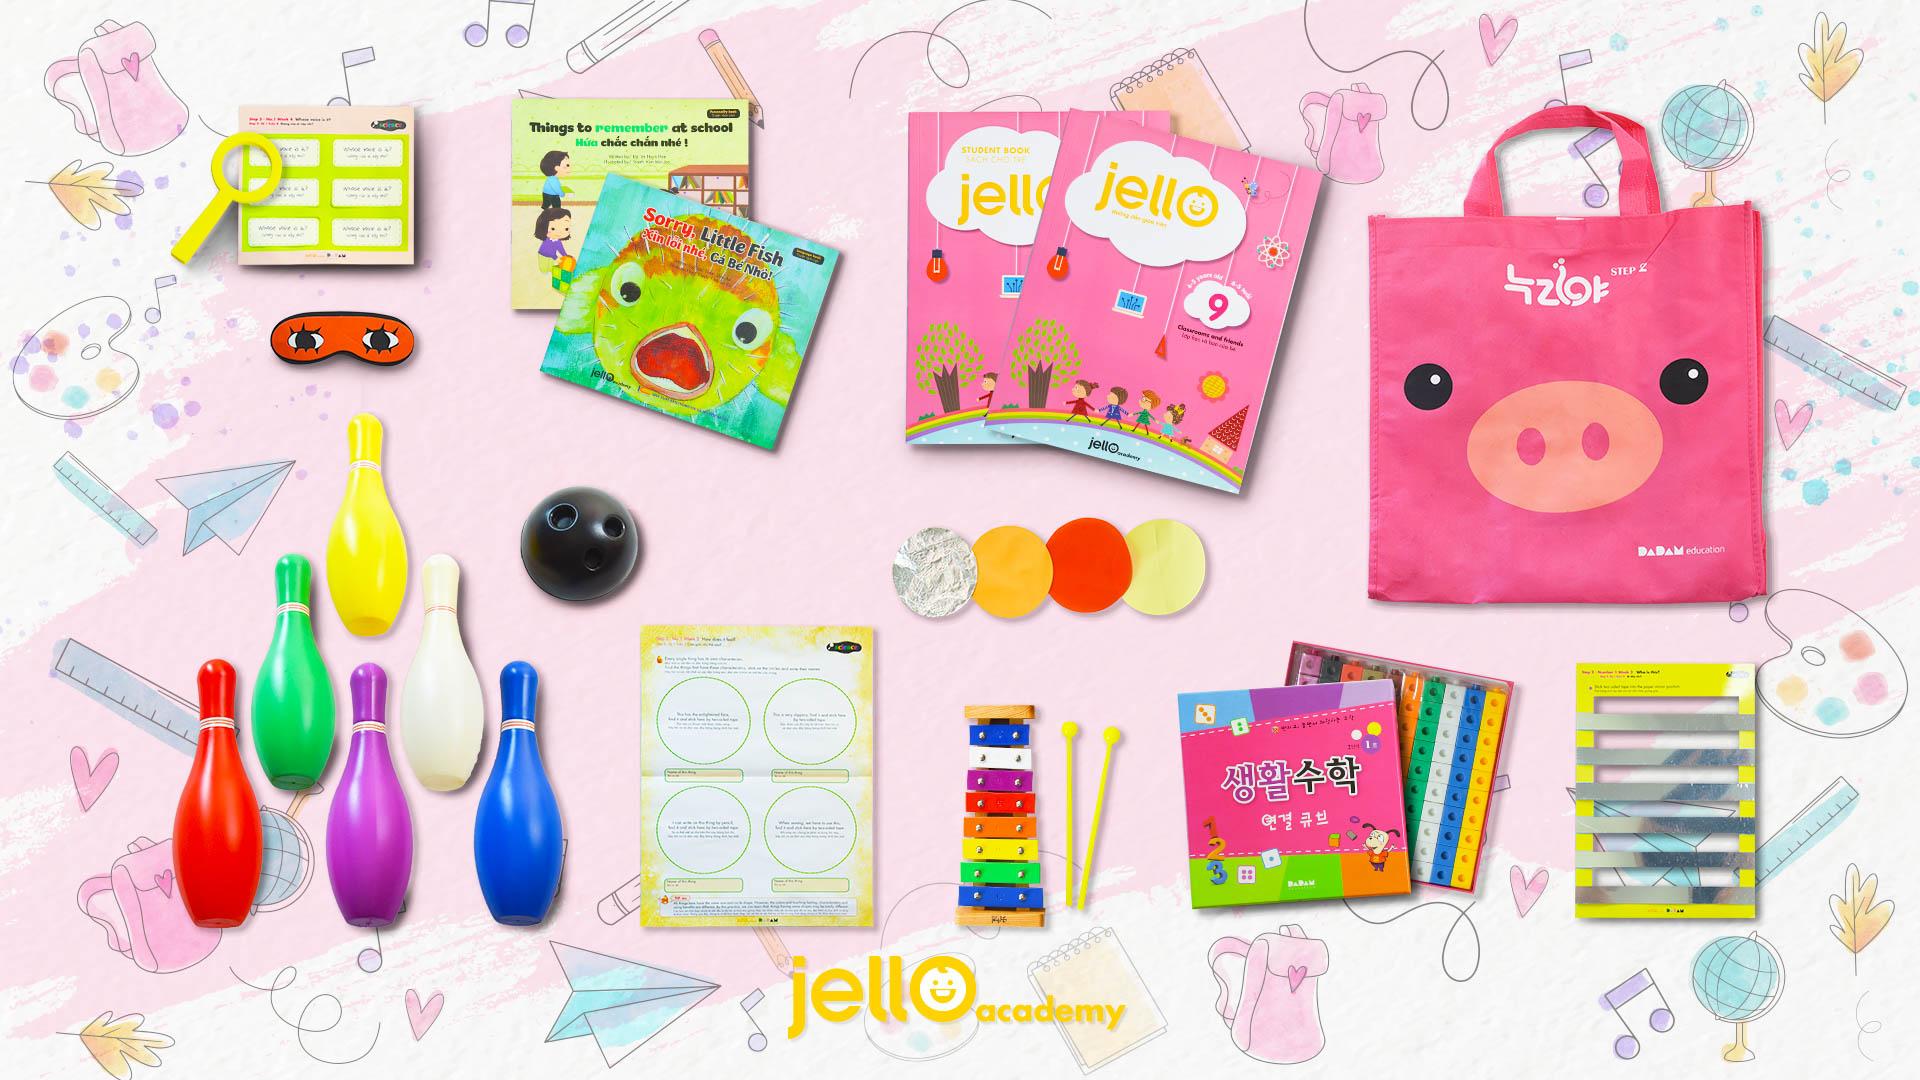 Bộ học cụ Jello - 4 Tuổi - Tháng 09